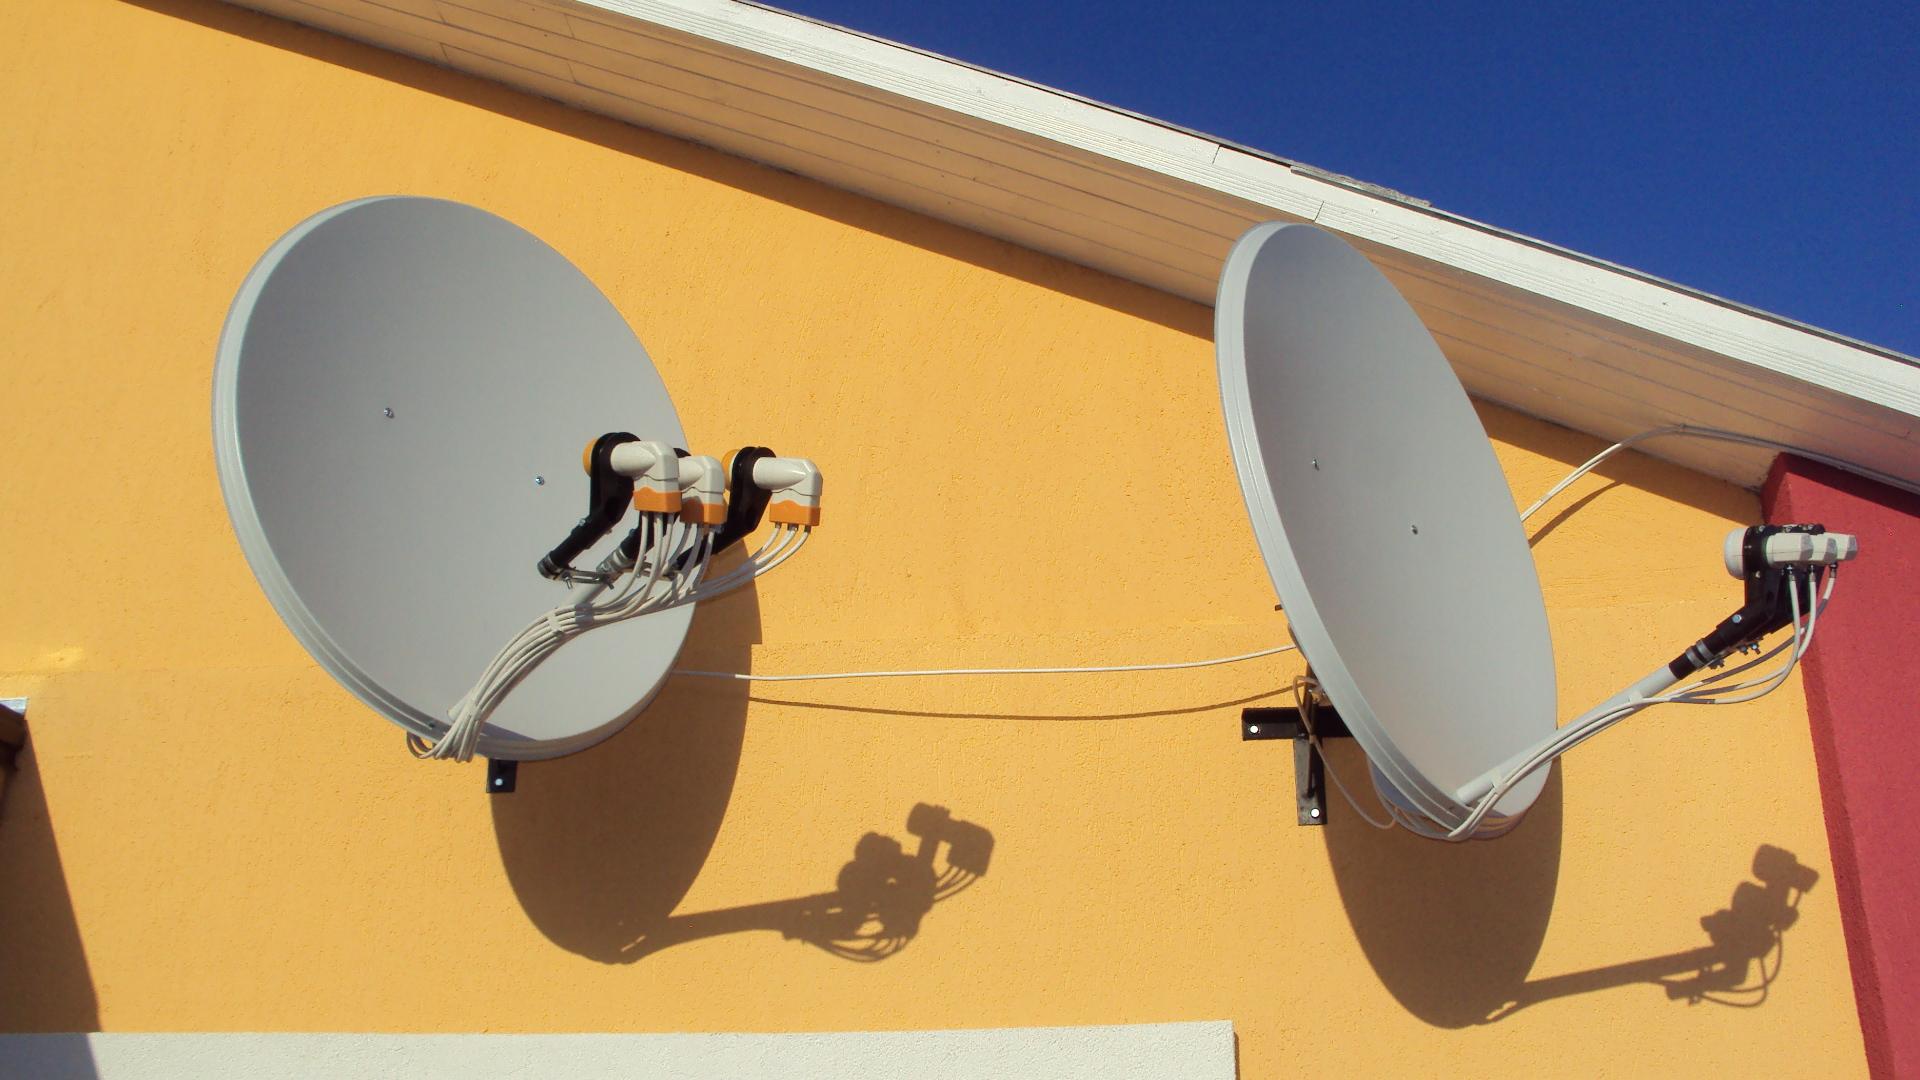 Настройка спутниковой антенны при помощи прибора Sat 46